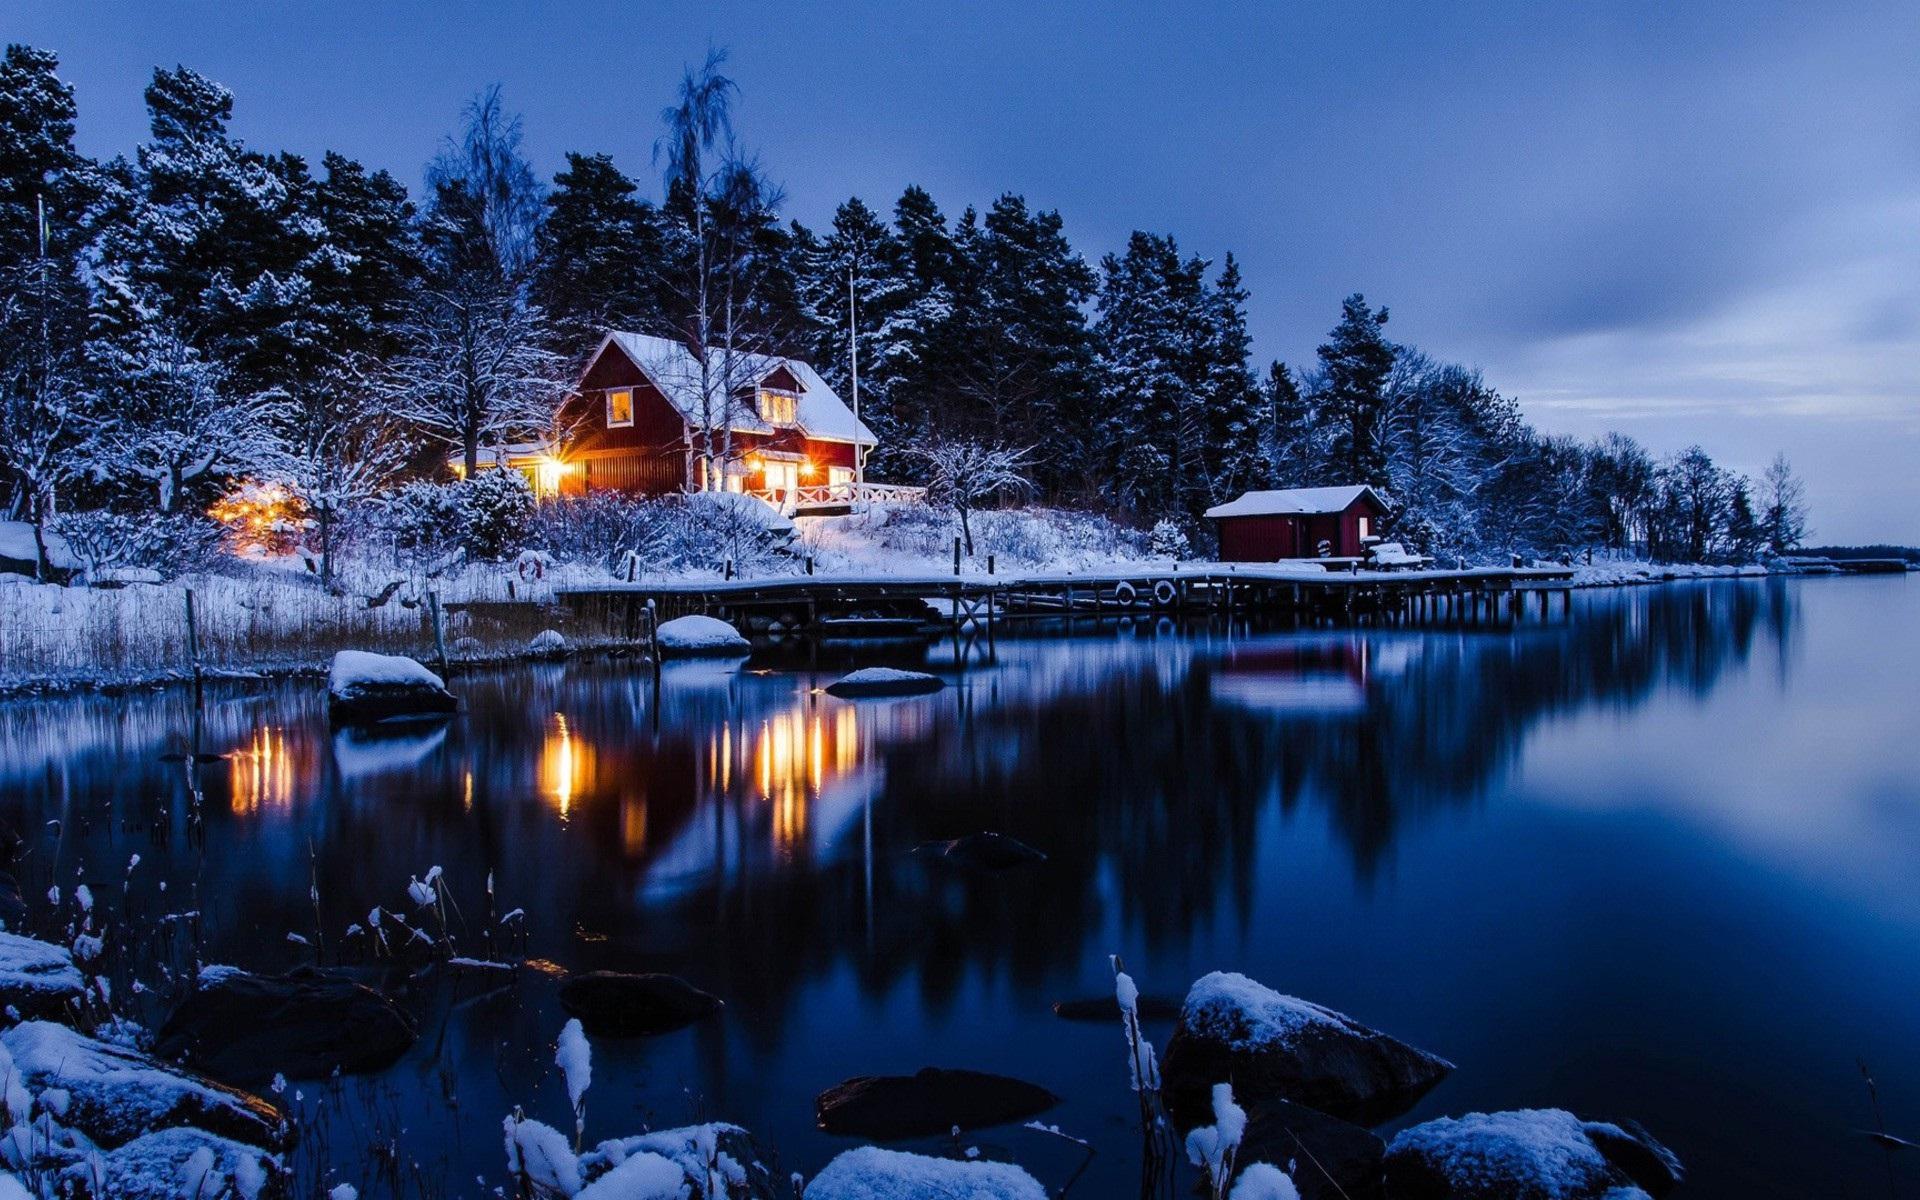 Free Winter Cabin Wallpaper Images - WallpaperSafari